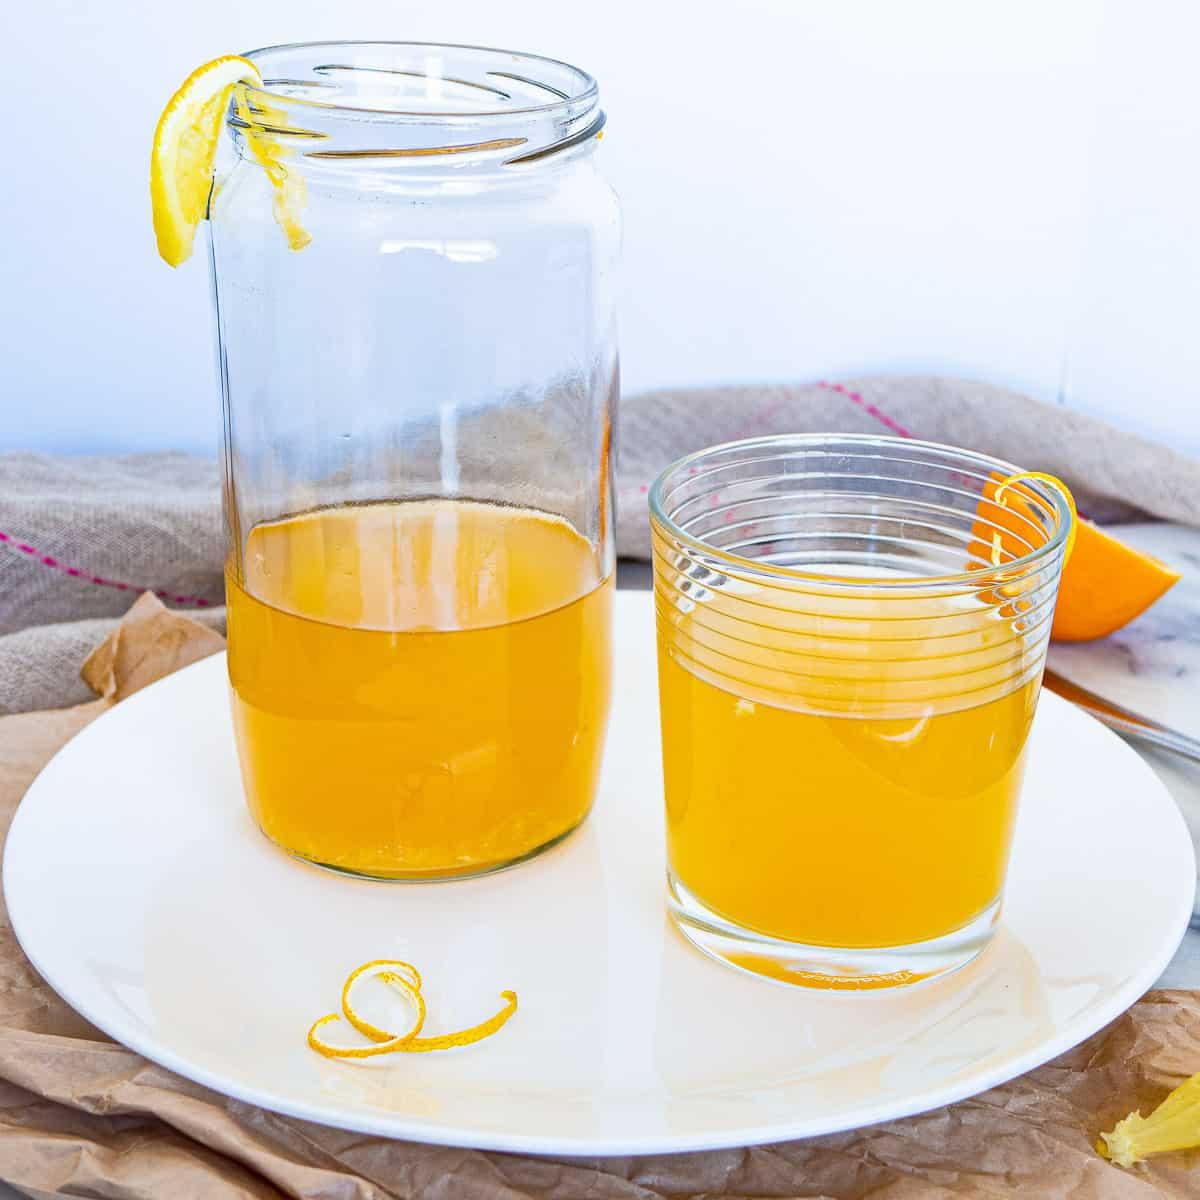 2 glasses of lemon honey tea on a white plate with lemon peel garnishes